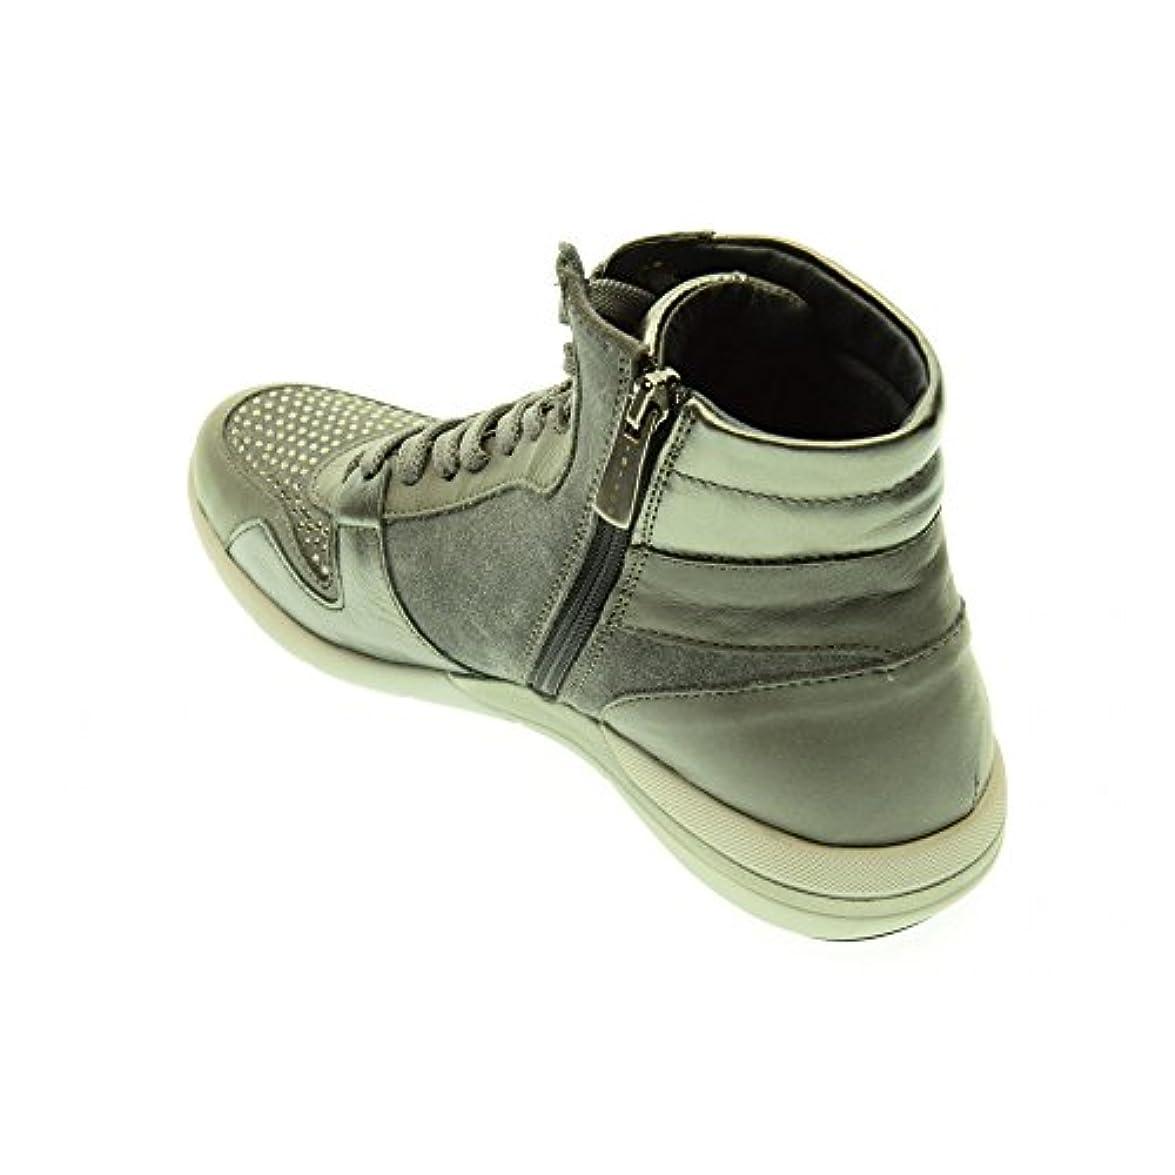 Igi amp;co 48153 Grigio Scarpe Donna Sportive Sneakers Alte Brillantini Zip